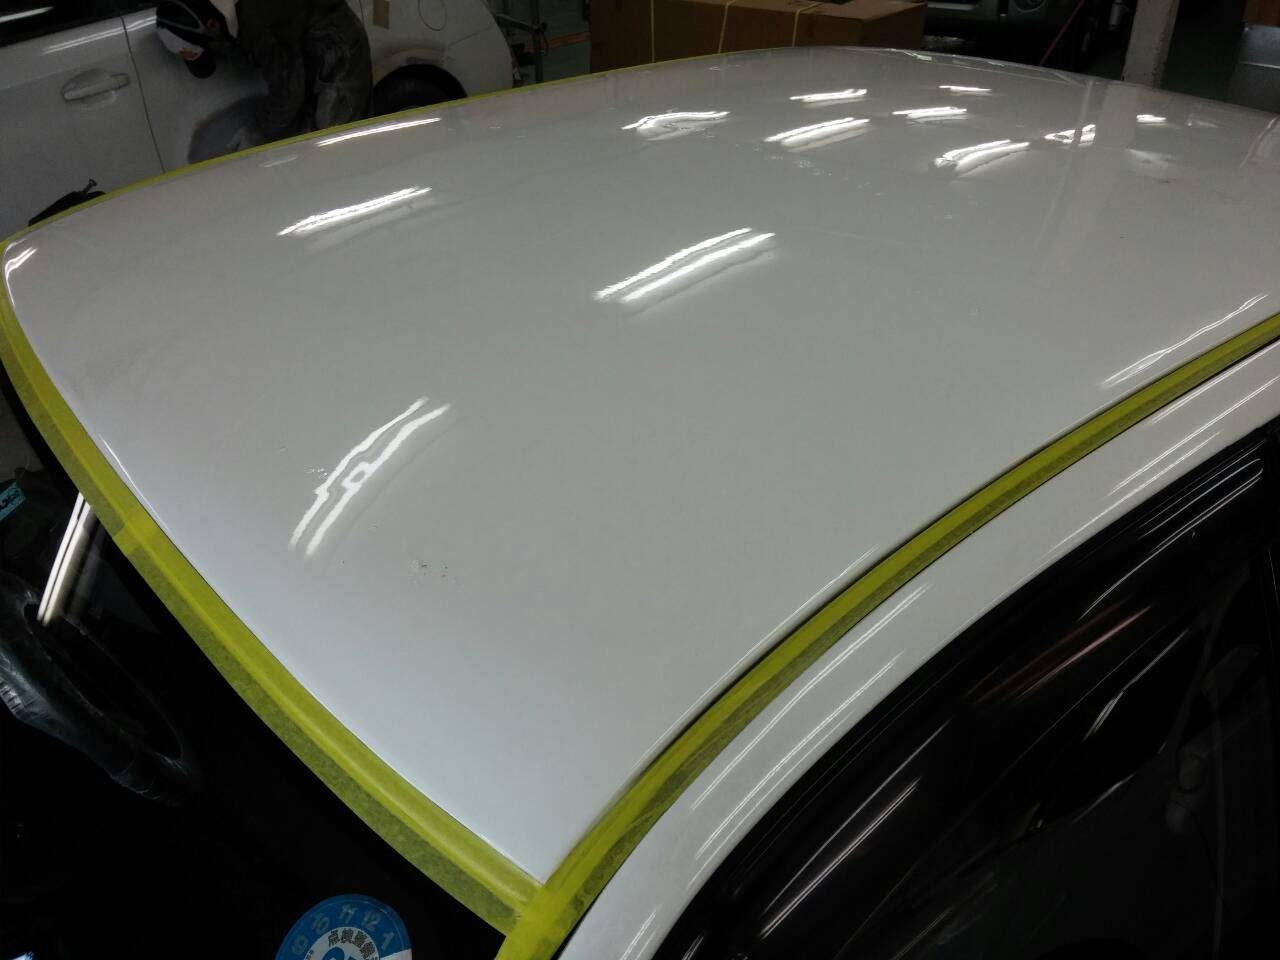 東京都立川市の車の板金塗装修理工場 ガレージローライドの三菱 ランサーのルーフのキズ へこみ の板金 修理 塗装 です。